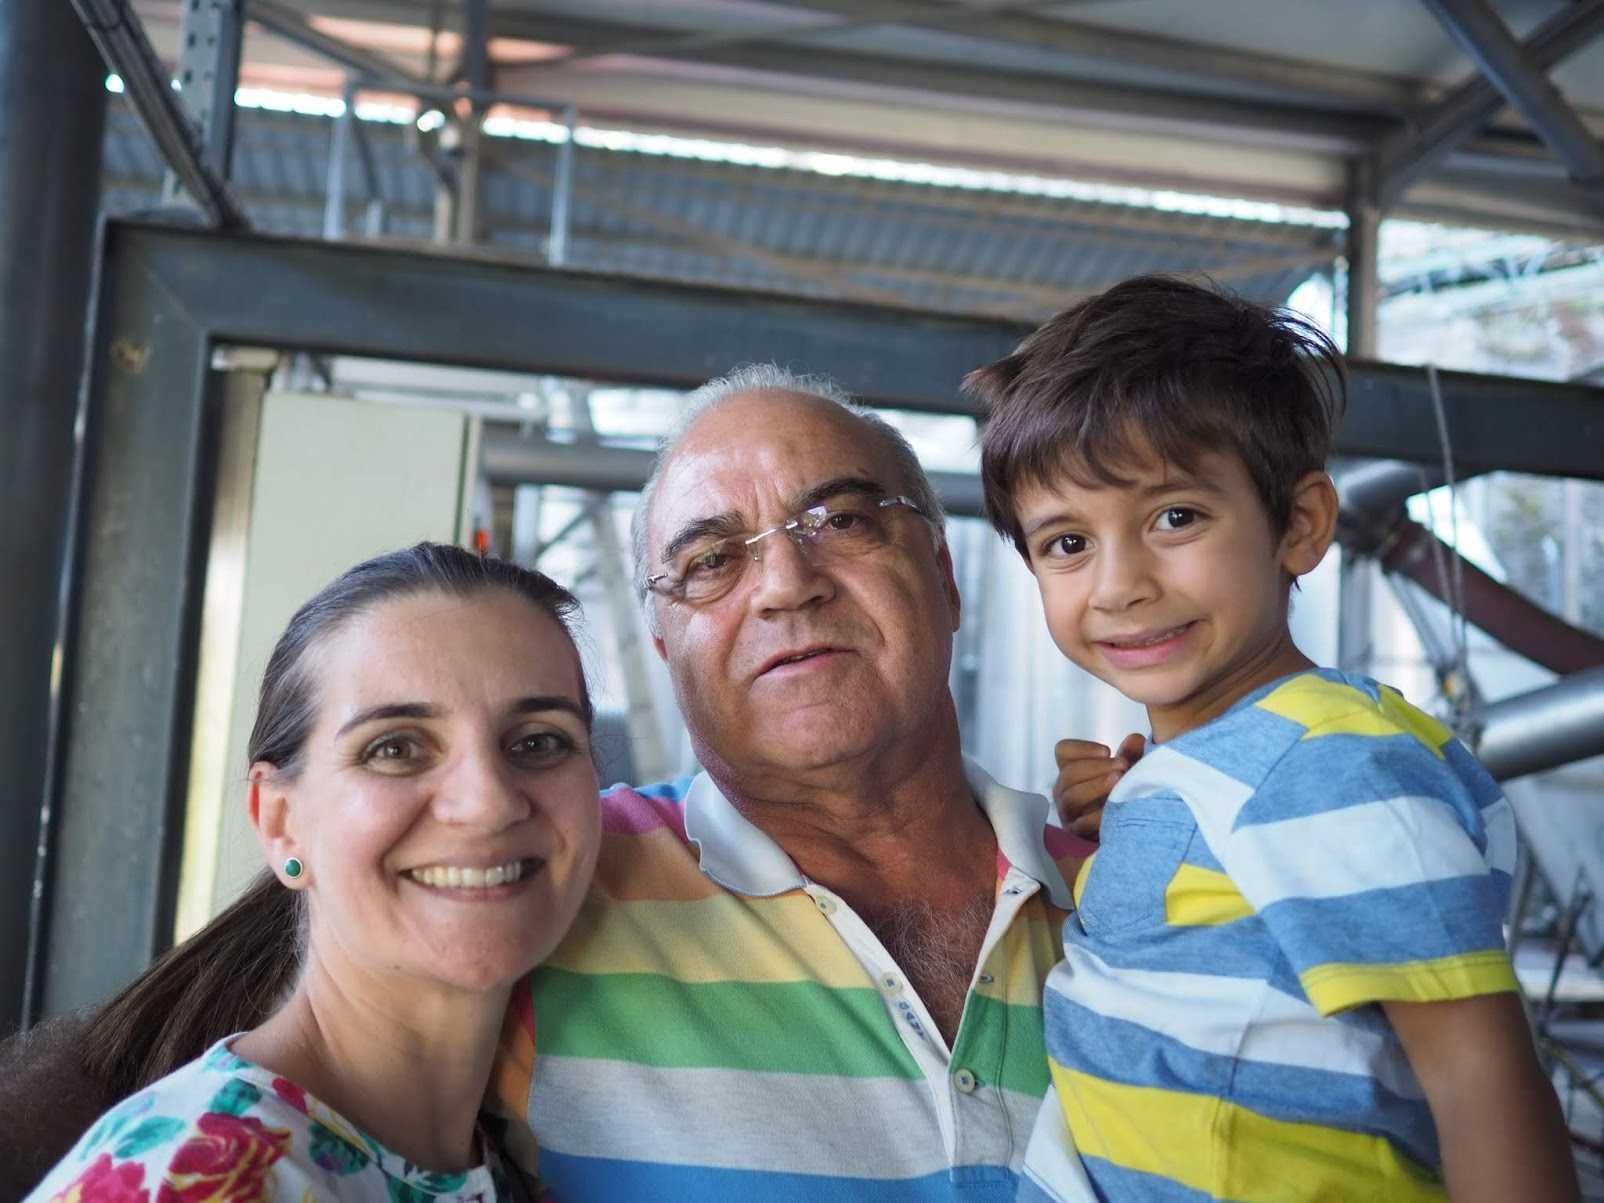 左からヴェラさん、オーナーでありお父さんのジョアキンさん、ヴェラさんの息子ロドリゴくん。